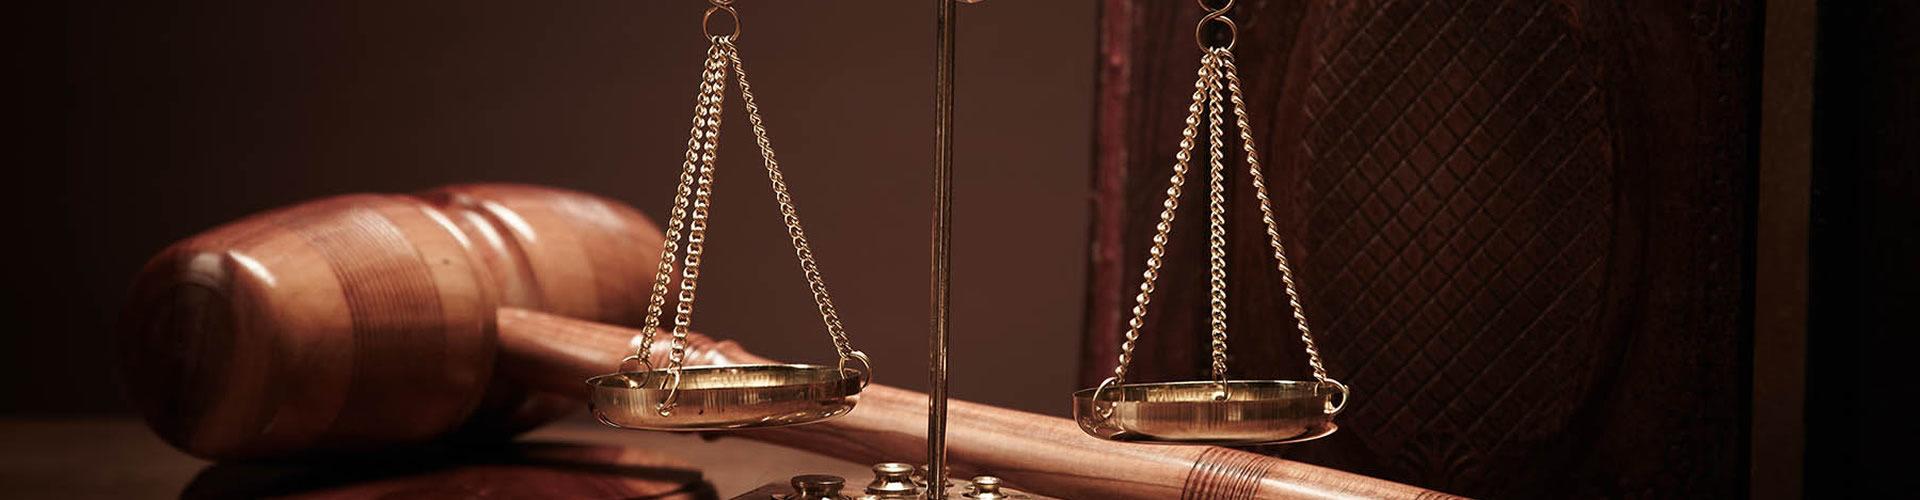 Юрист по вопросам наследства. Бесплатная консультация